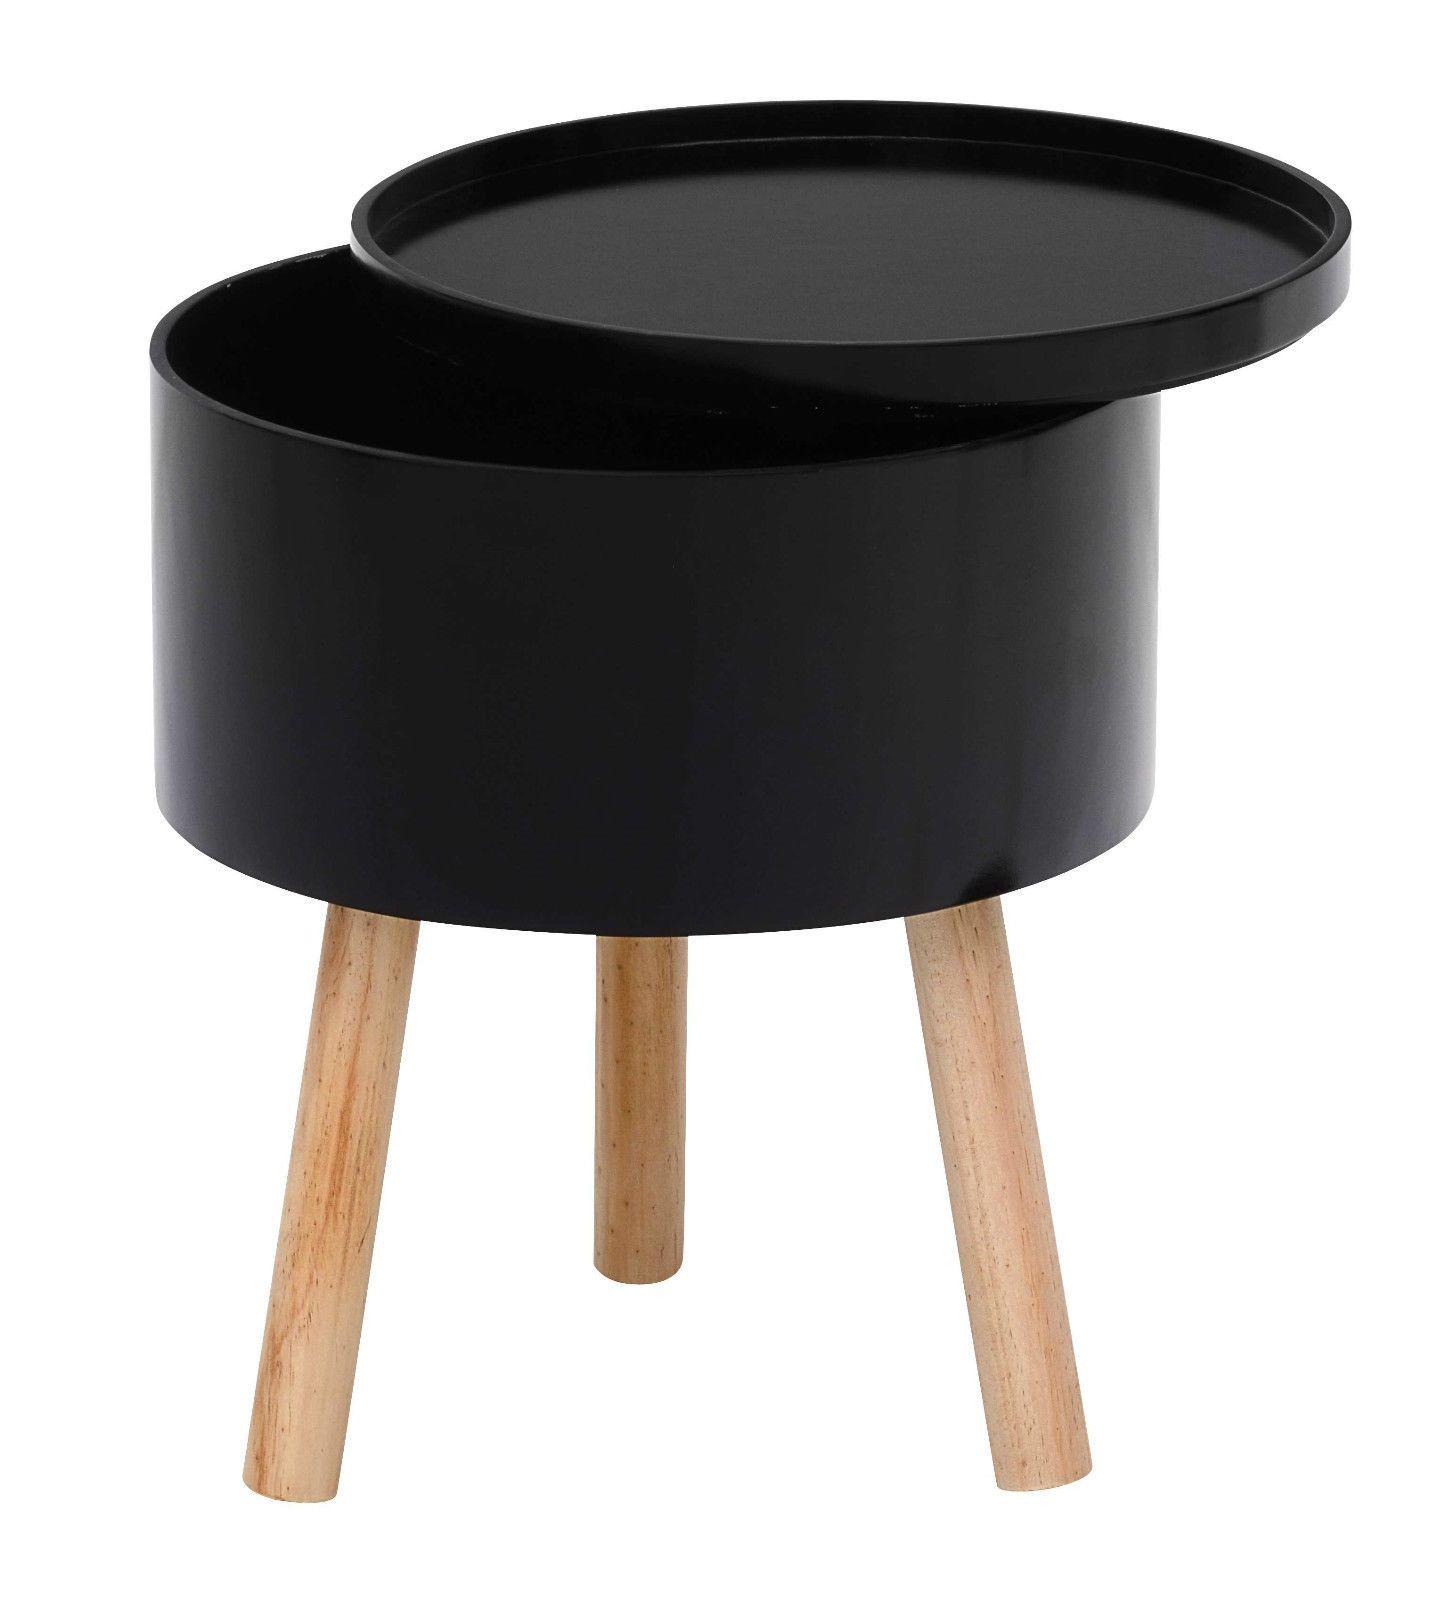 Beistelltisch Schwarz Stauraum Tisch Nachttisch Couchtisch Ziertisch Dekotisch For Sale Eur 27 95 See Photos Beistelltisch Schwarz Beistelltisch Deko Tisch